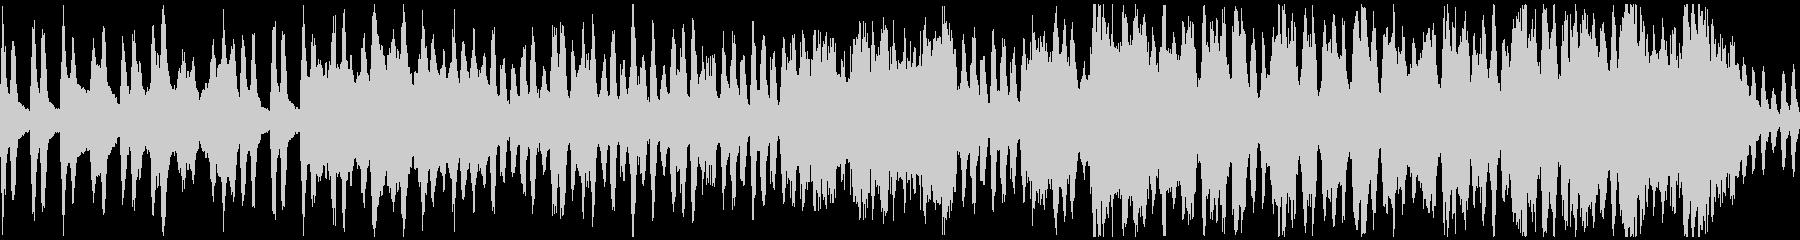 【ループ】弦楽器とチェンバロのワルツの未再生の波形